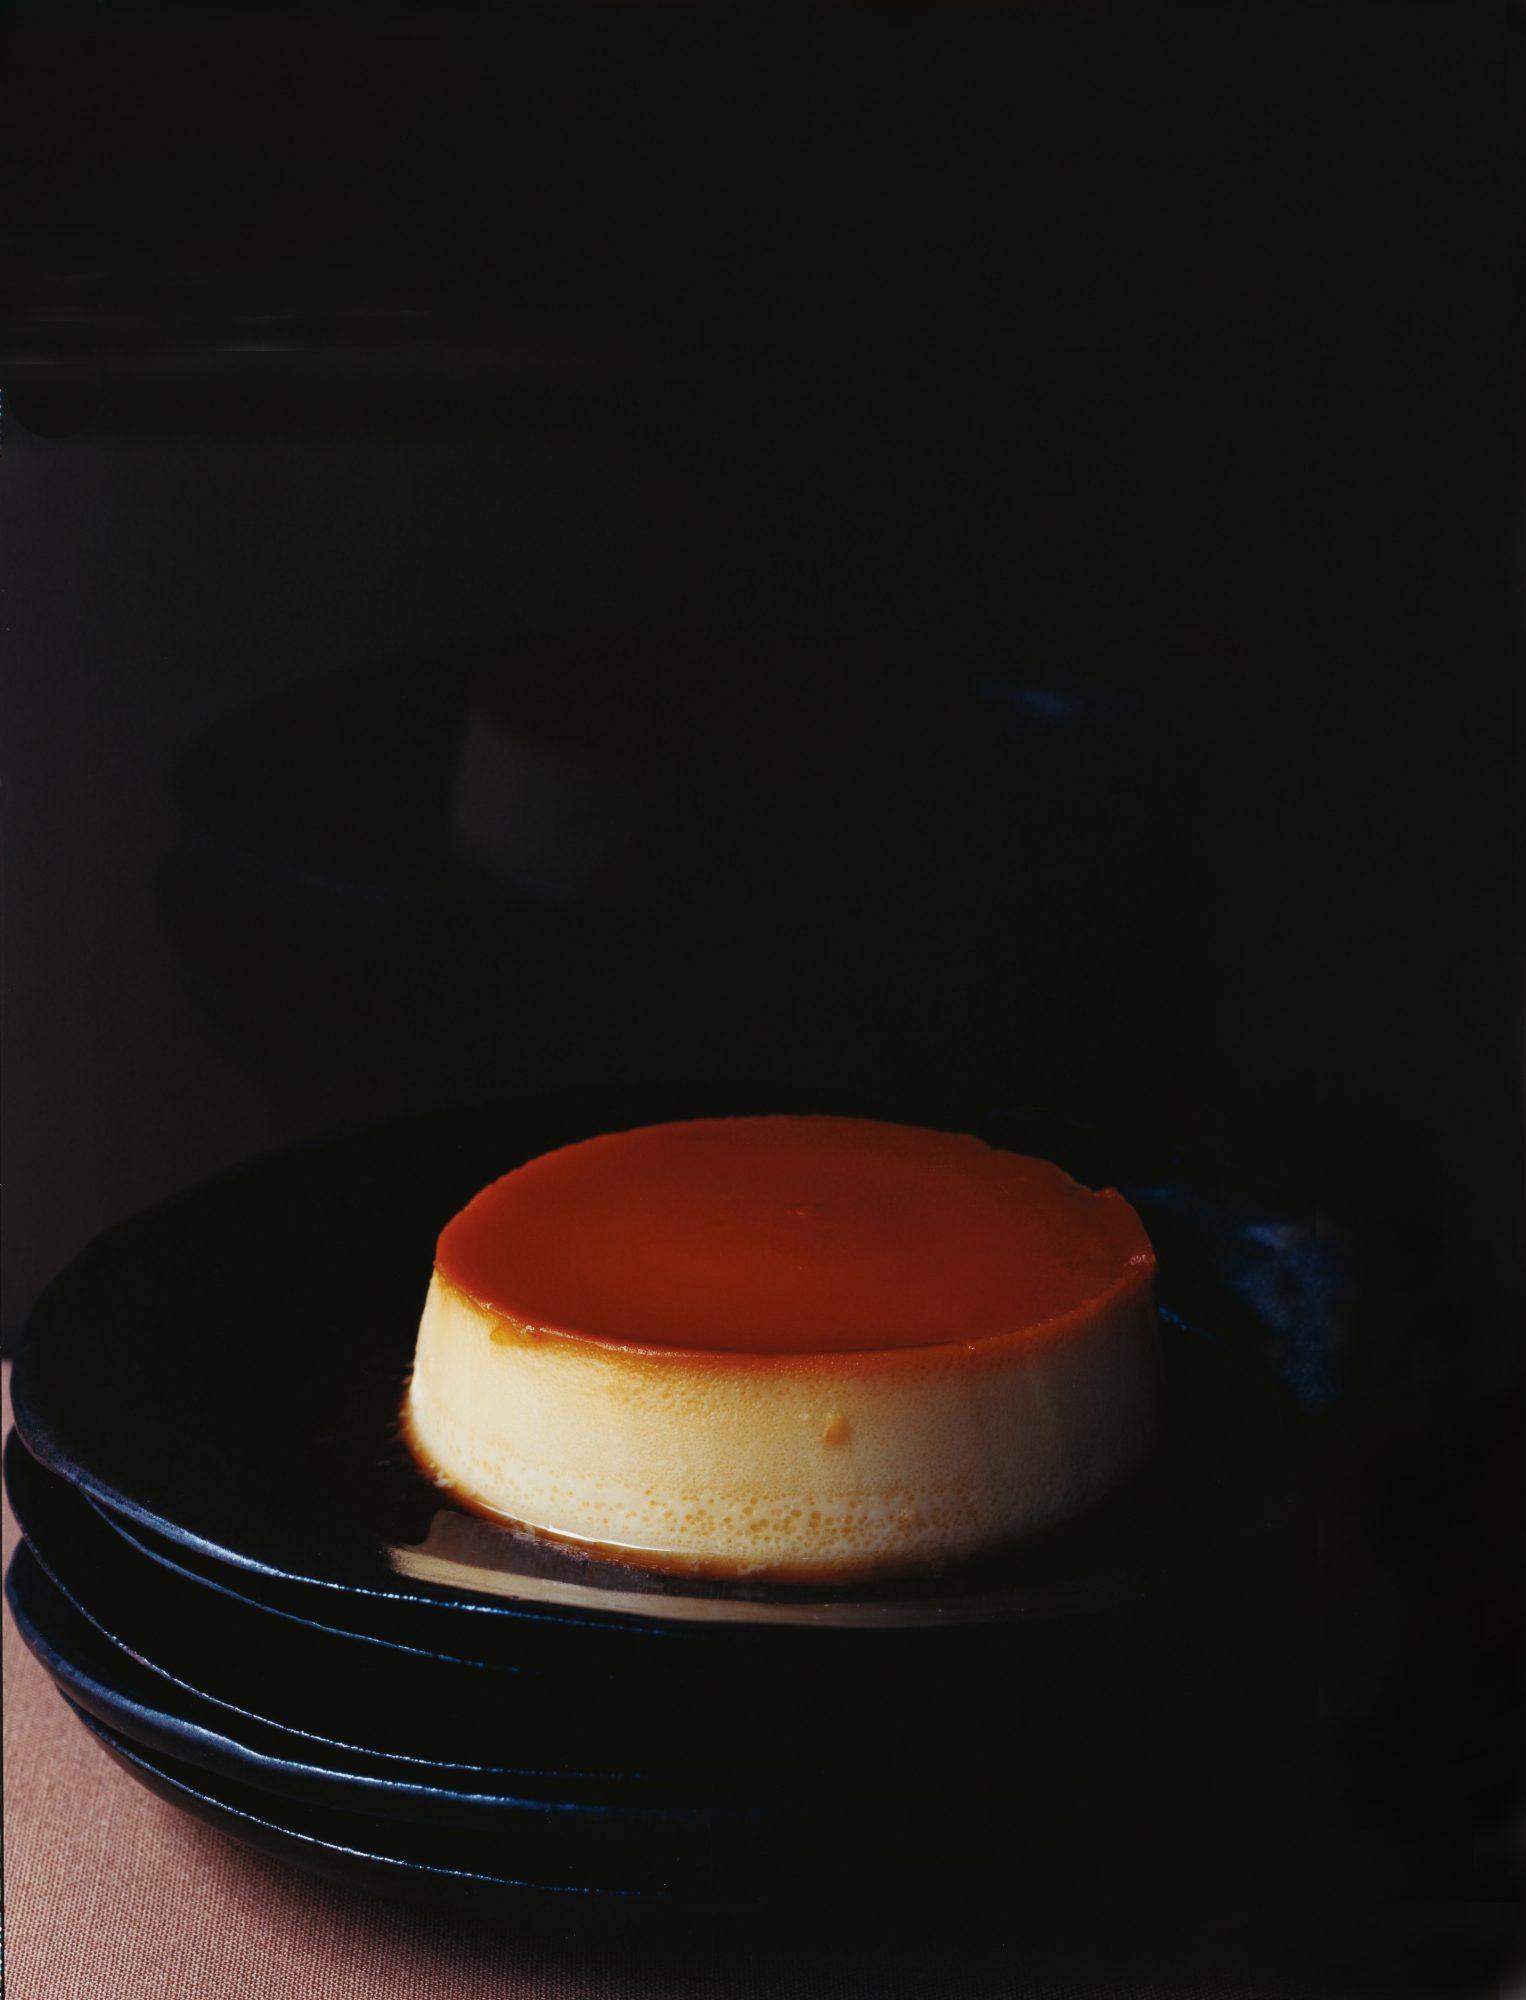 Dayanara Torres comparte la receta de flan de queso de su mamá ¡Delicioso!